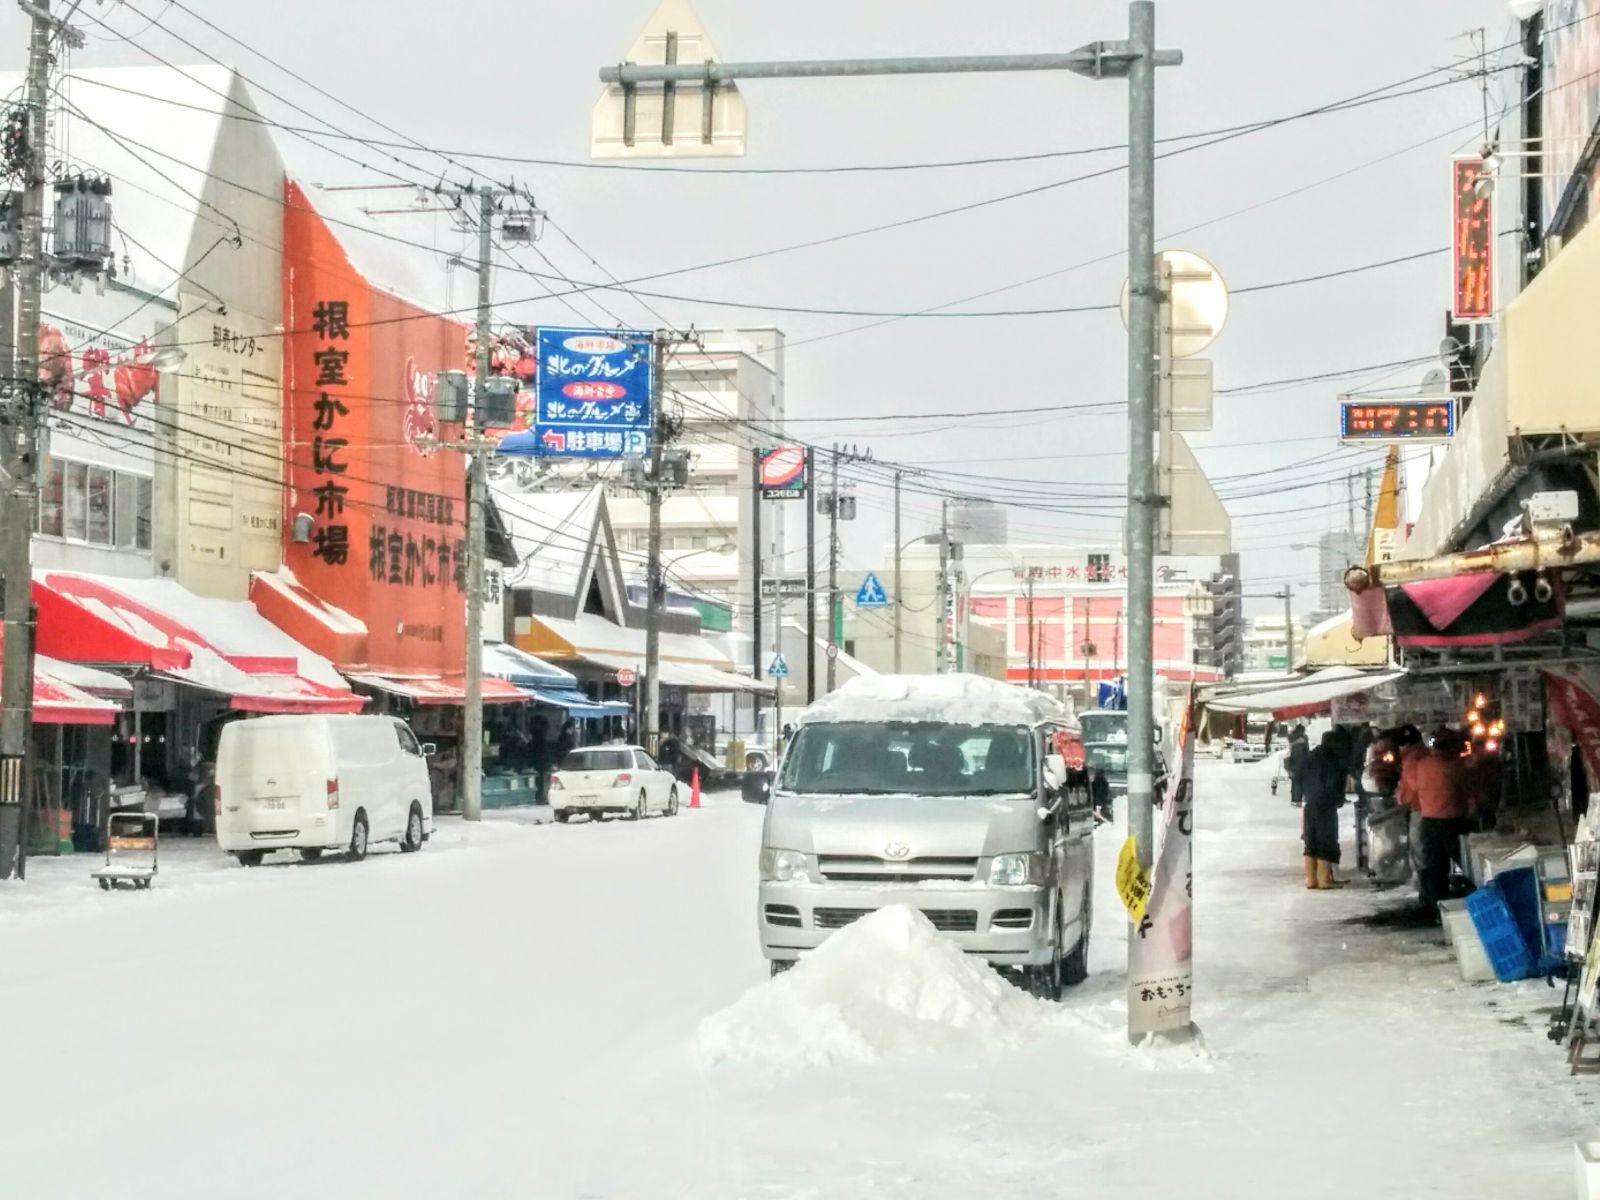 【札幌】冬の場外市場観光タクシー